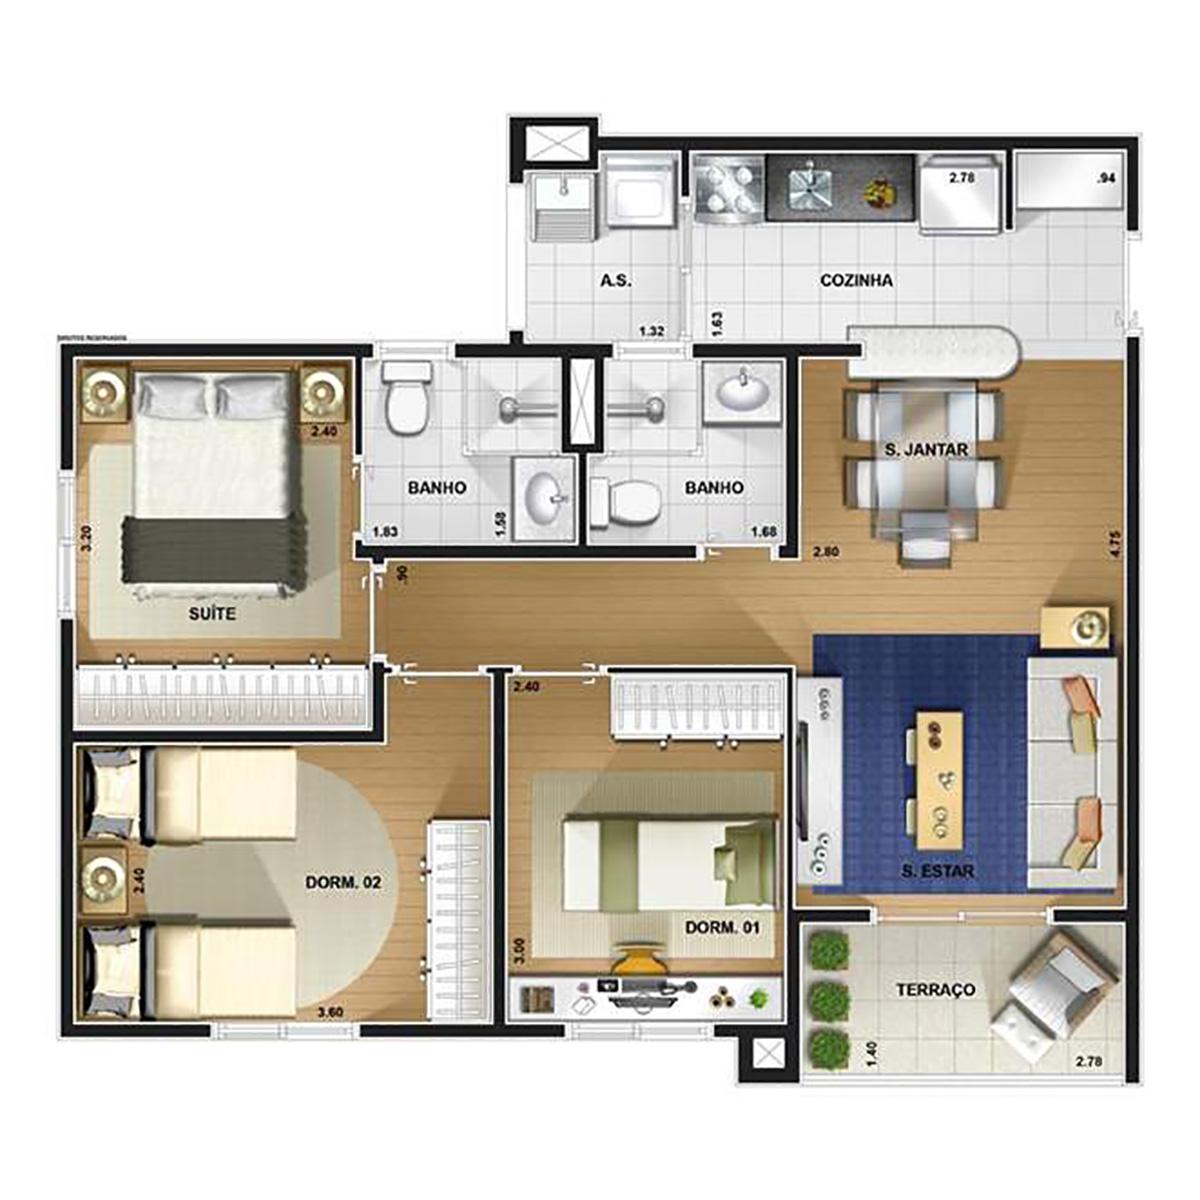 Ilustração Artística da Planta de 3 dorms 67 m² Interclube Parque Residencial